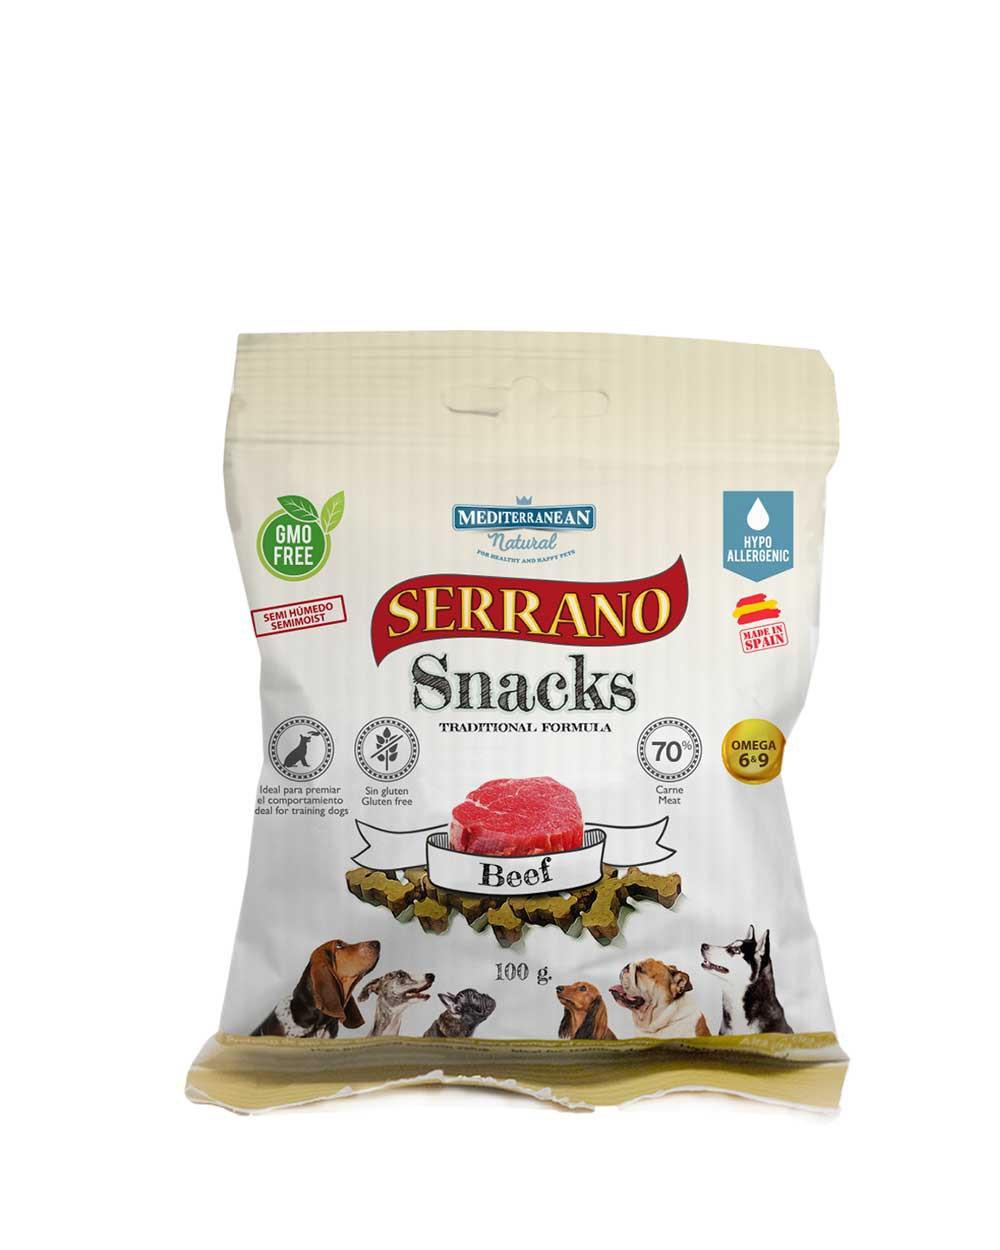 Serrano snacks para perros de buey de Mediterranean Natural